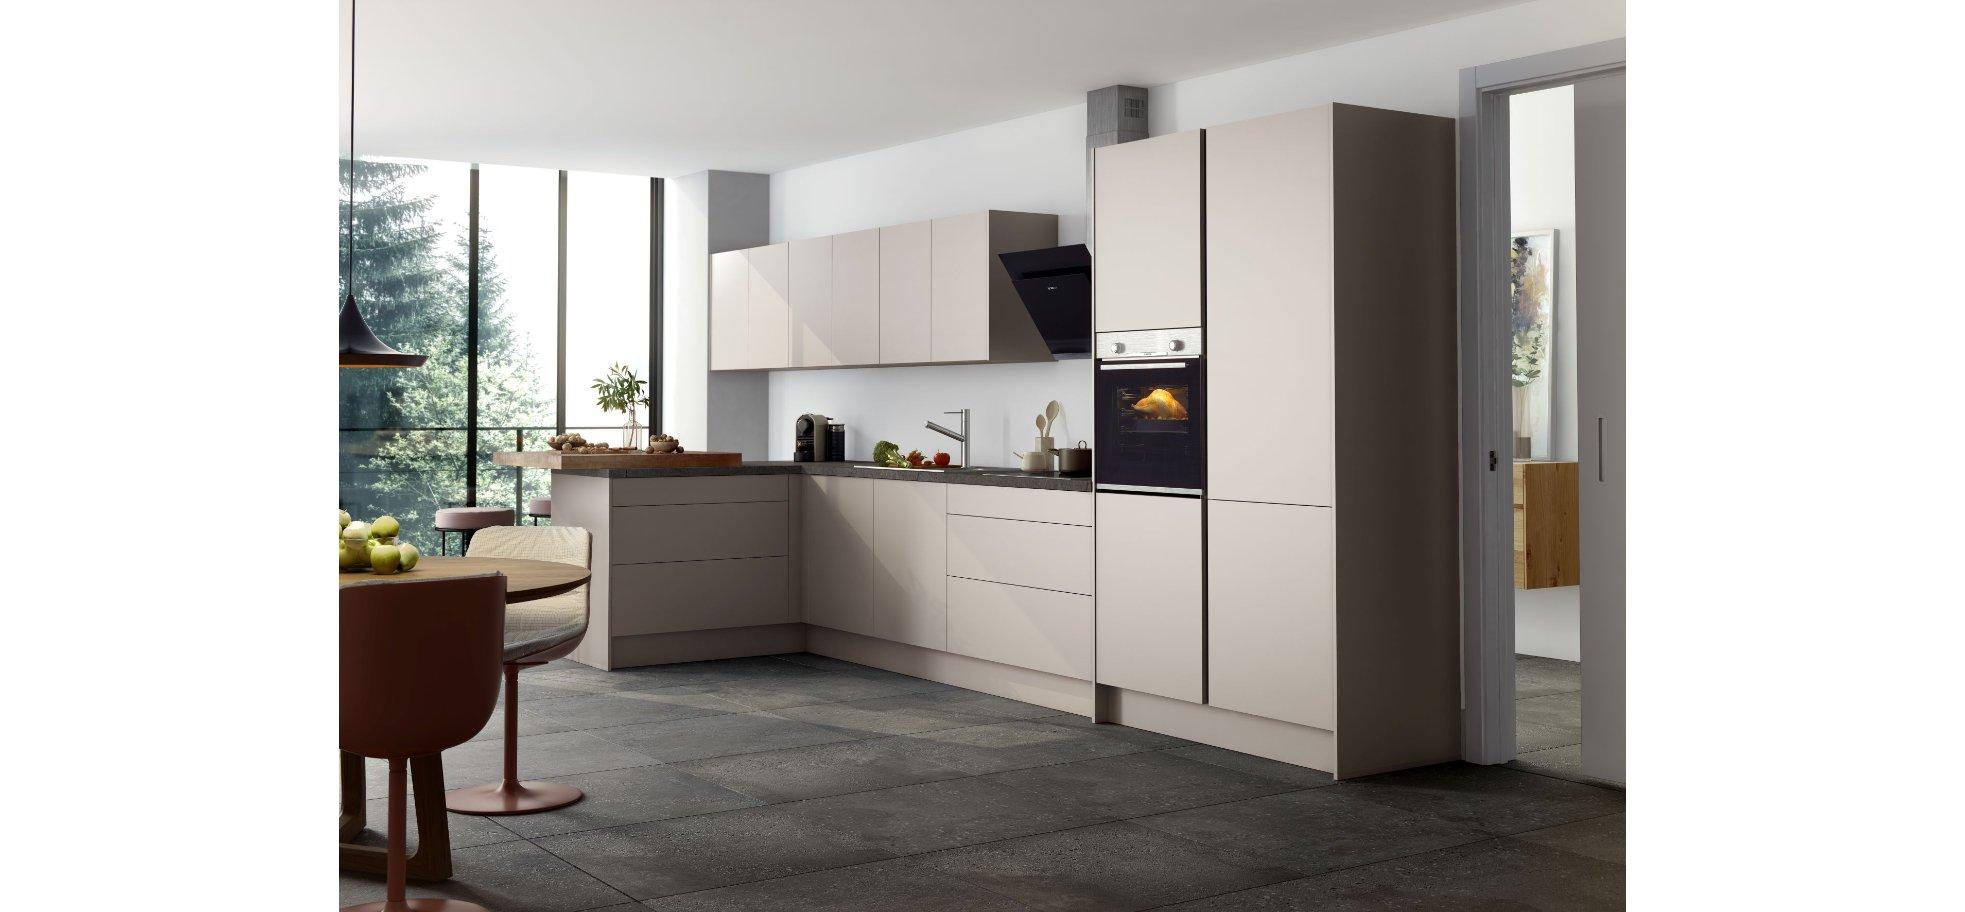 Full Size of Küche L Form Ikea Küche L Form Günstig Komplette Küche L Form Küche L Form Ebay Kleinanzeigen Küche Küche L Form